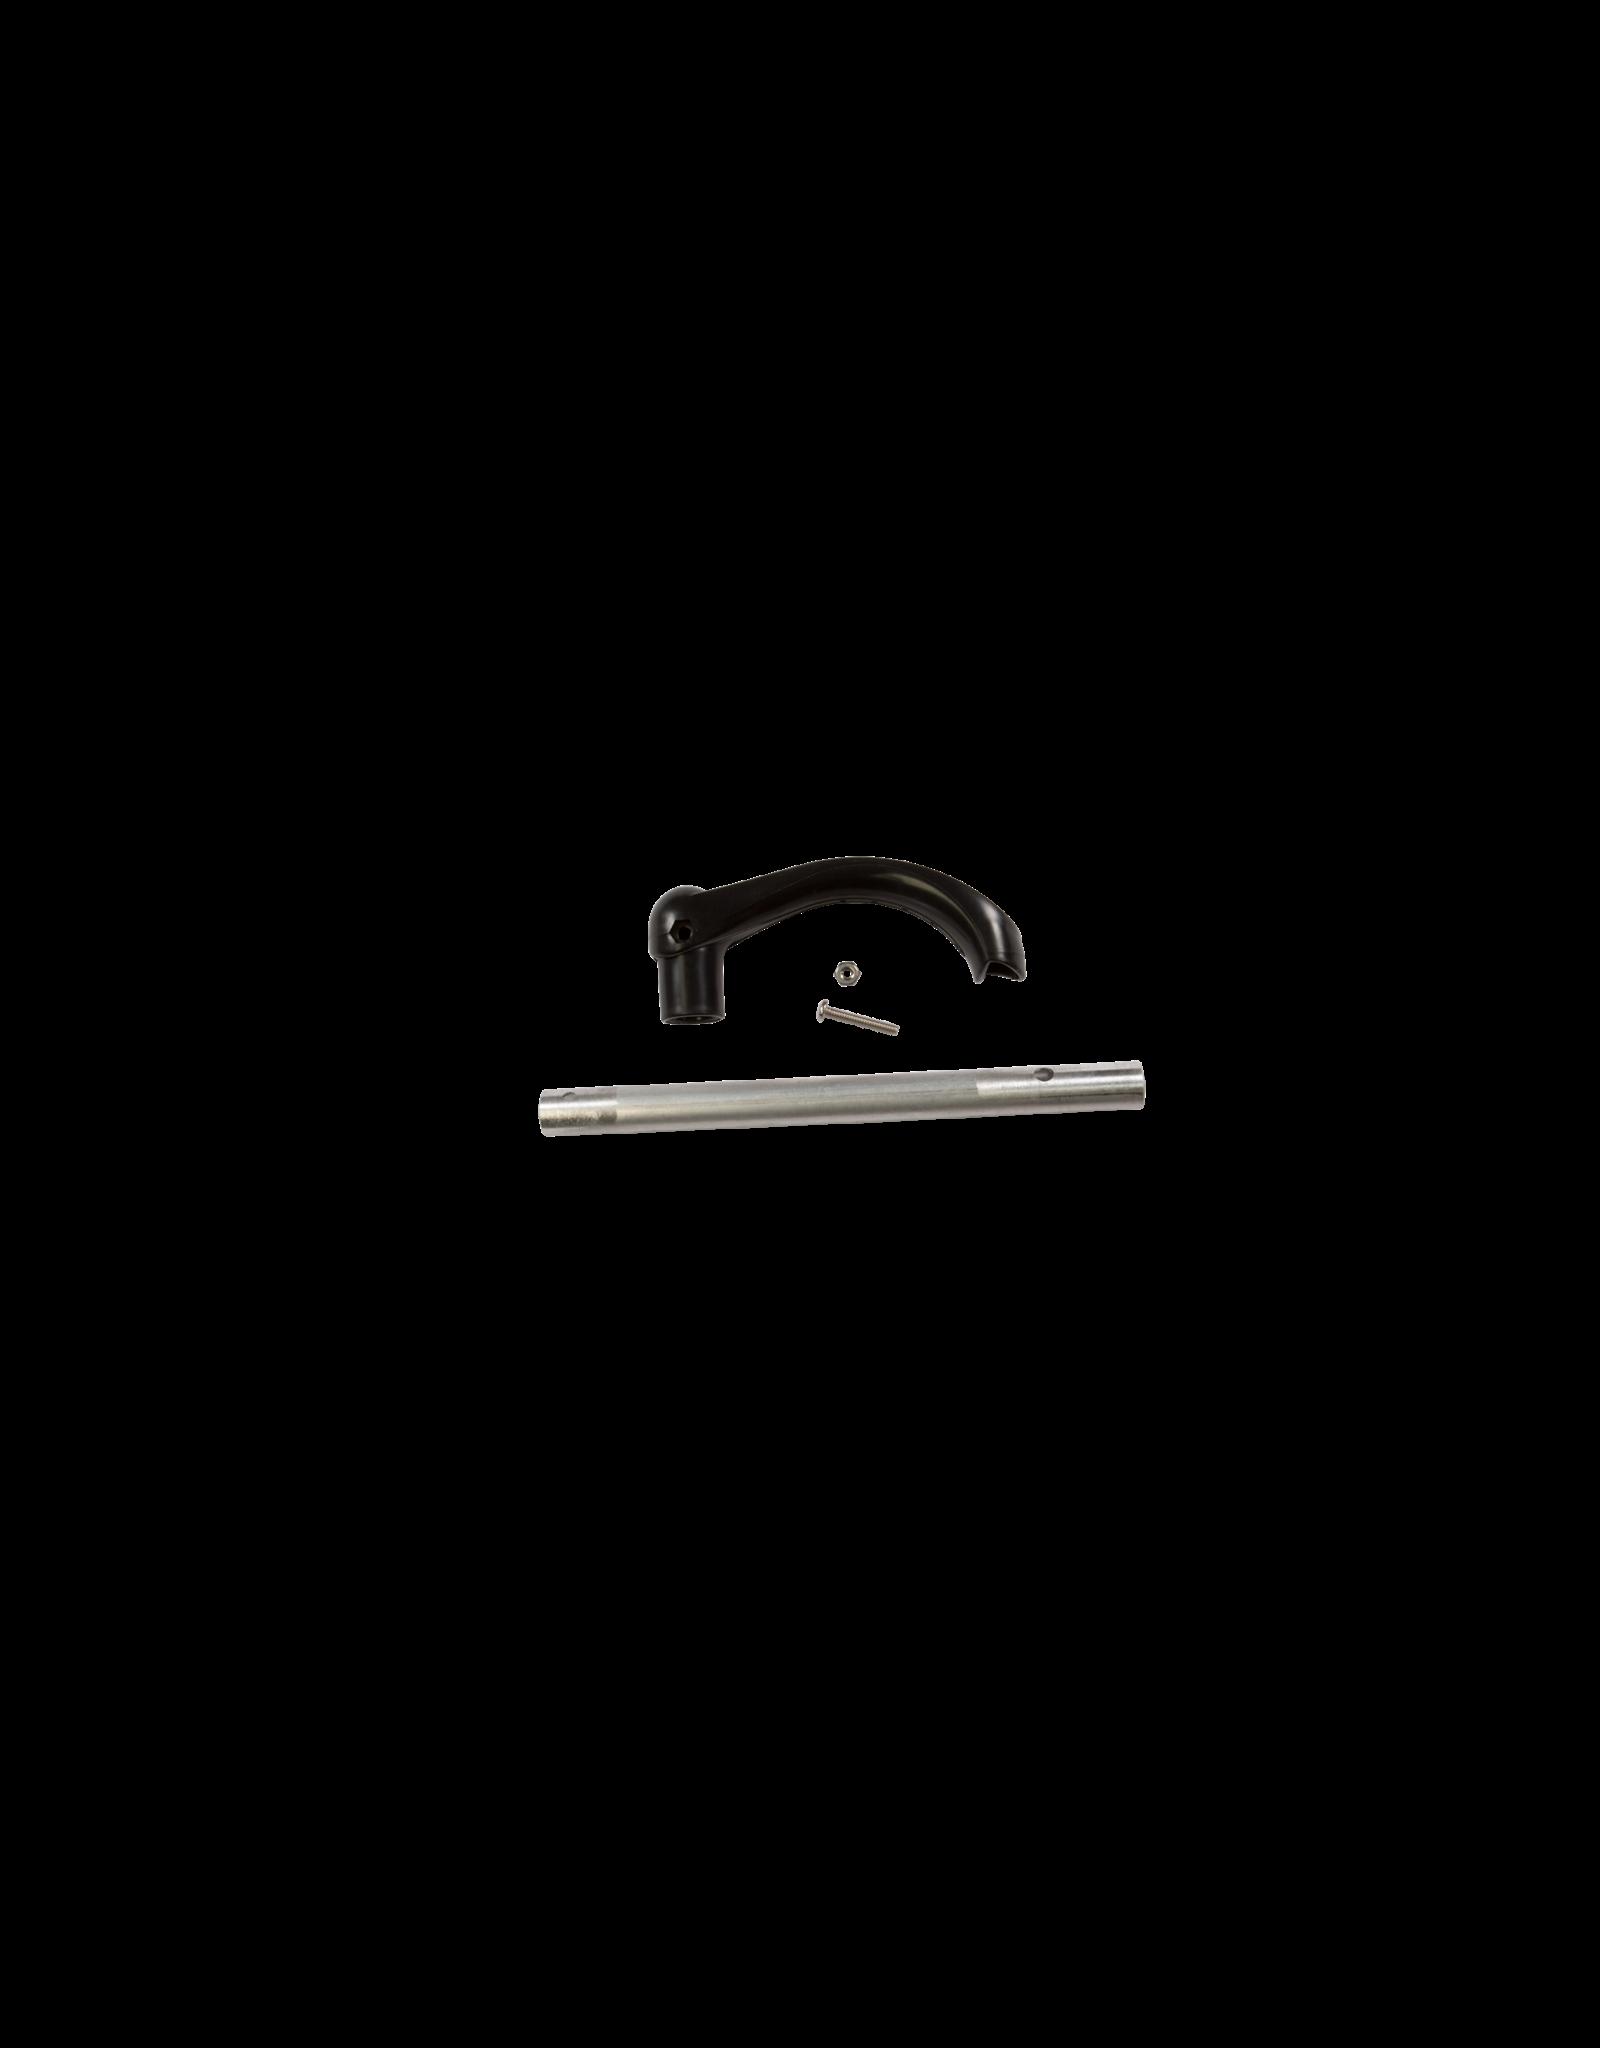 Pelican Pelican Pedal Boat Steering Kit in Black